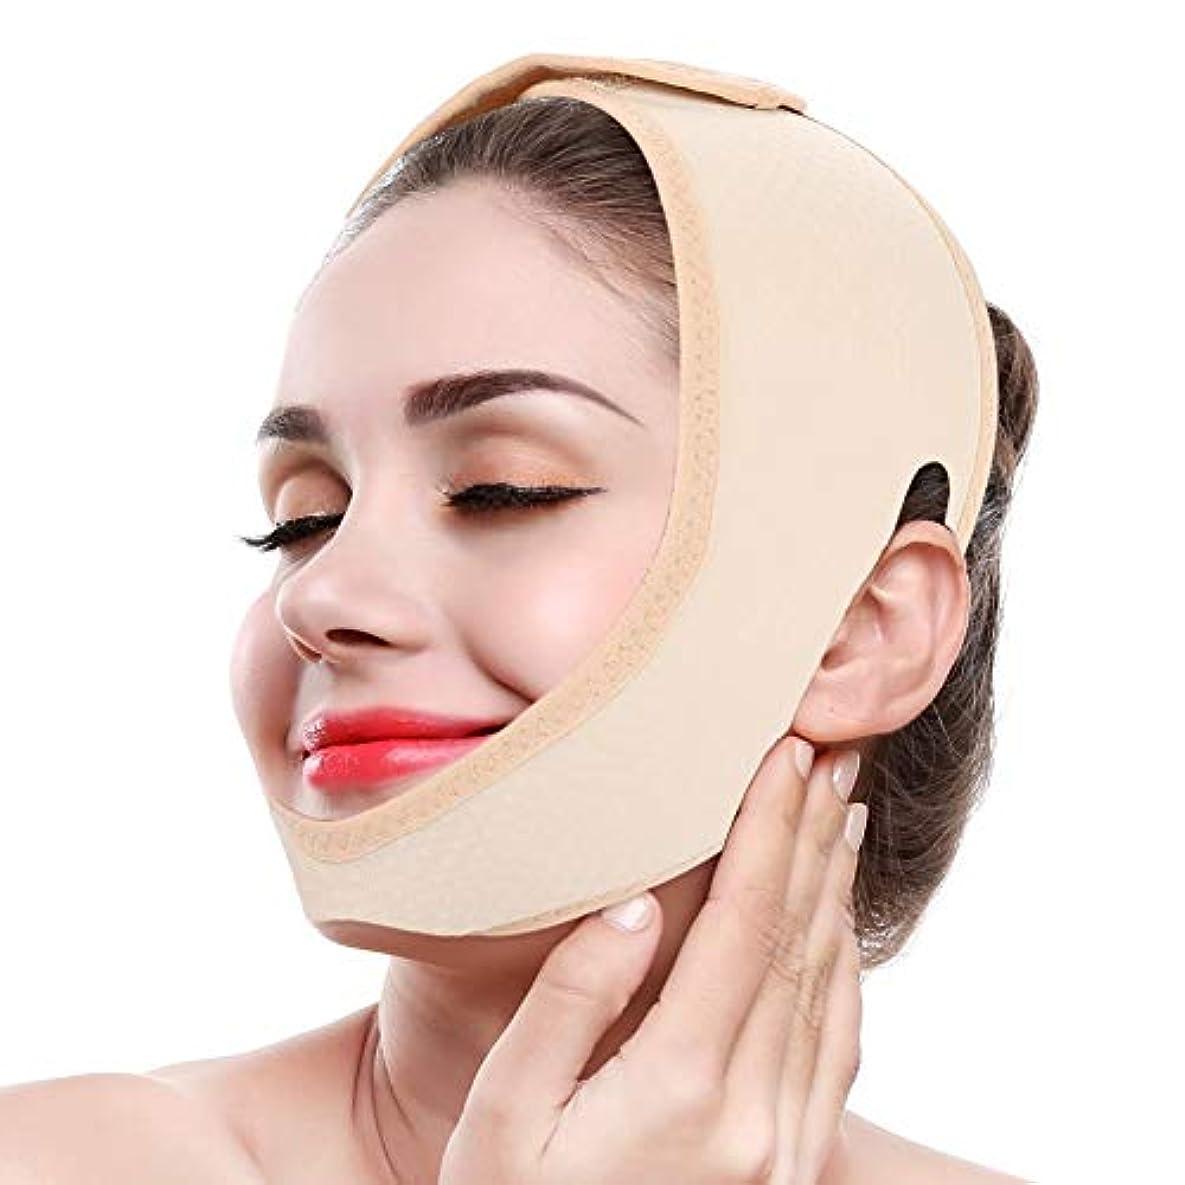 ボルト換気賢明なVラインマスク、フェイスリフトバンドフェイシャルスリミングダブルチンストラップ減量ベルトスキンケアチンリフティングファーミングラップ